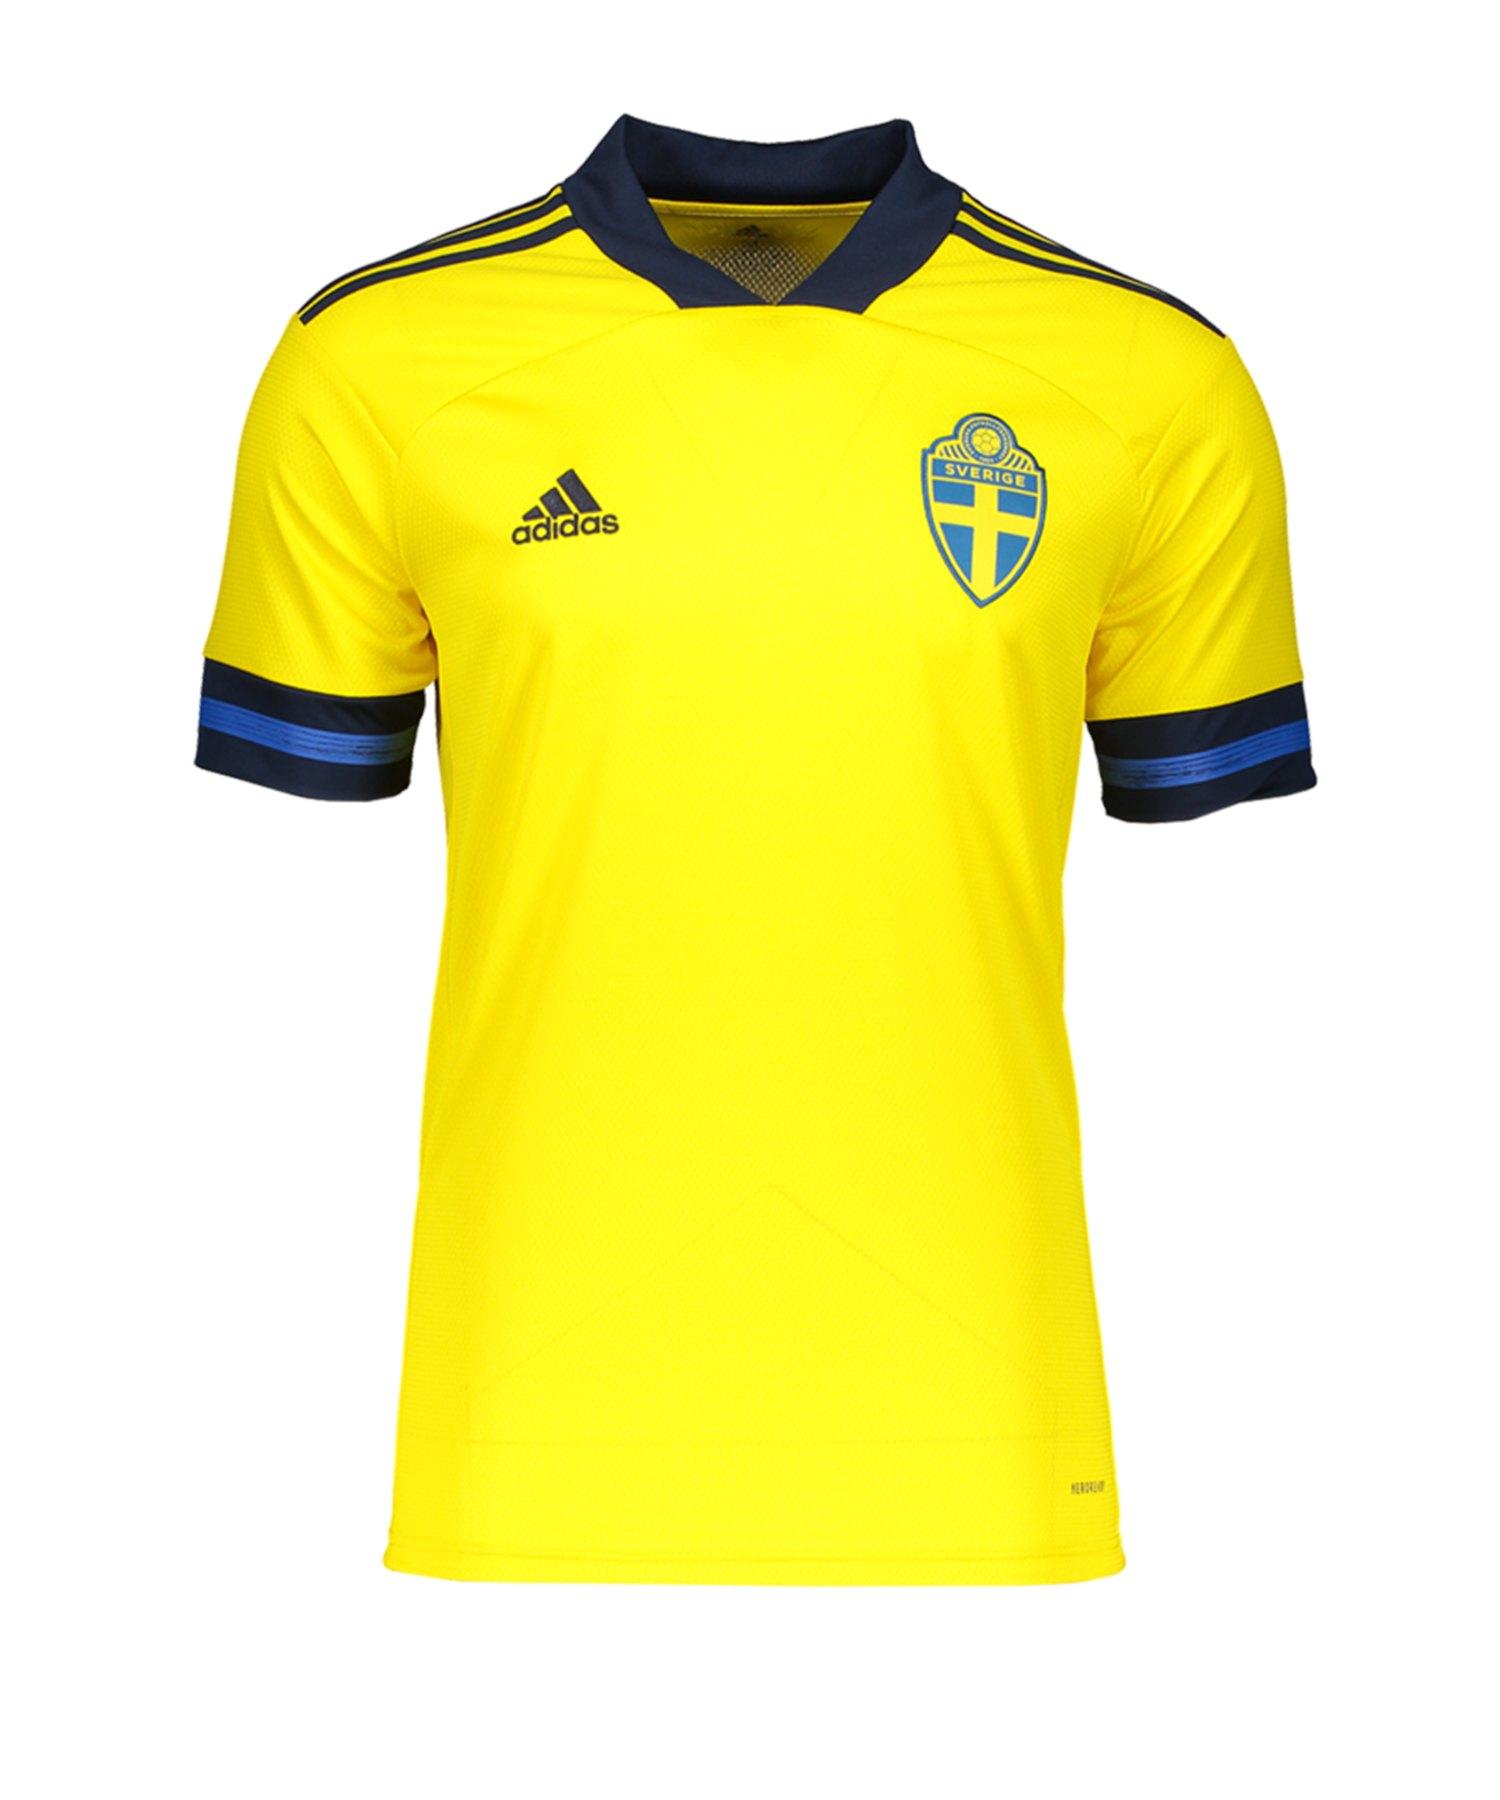 adidas Schweden Trikot Home EM 2020 Kids Gelb - gelb